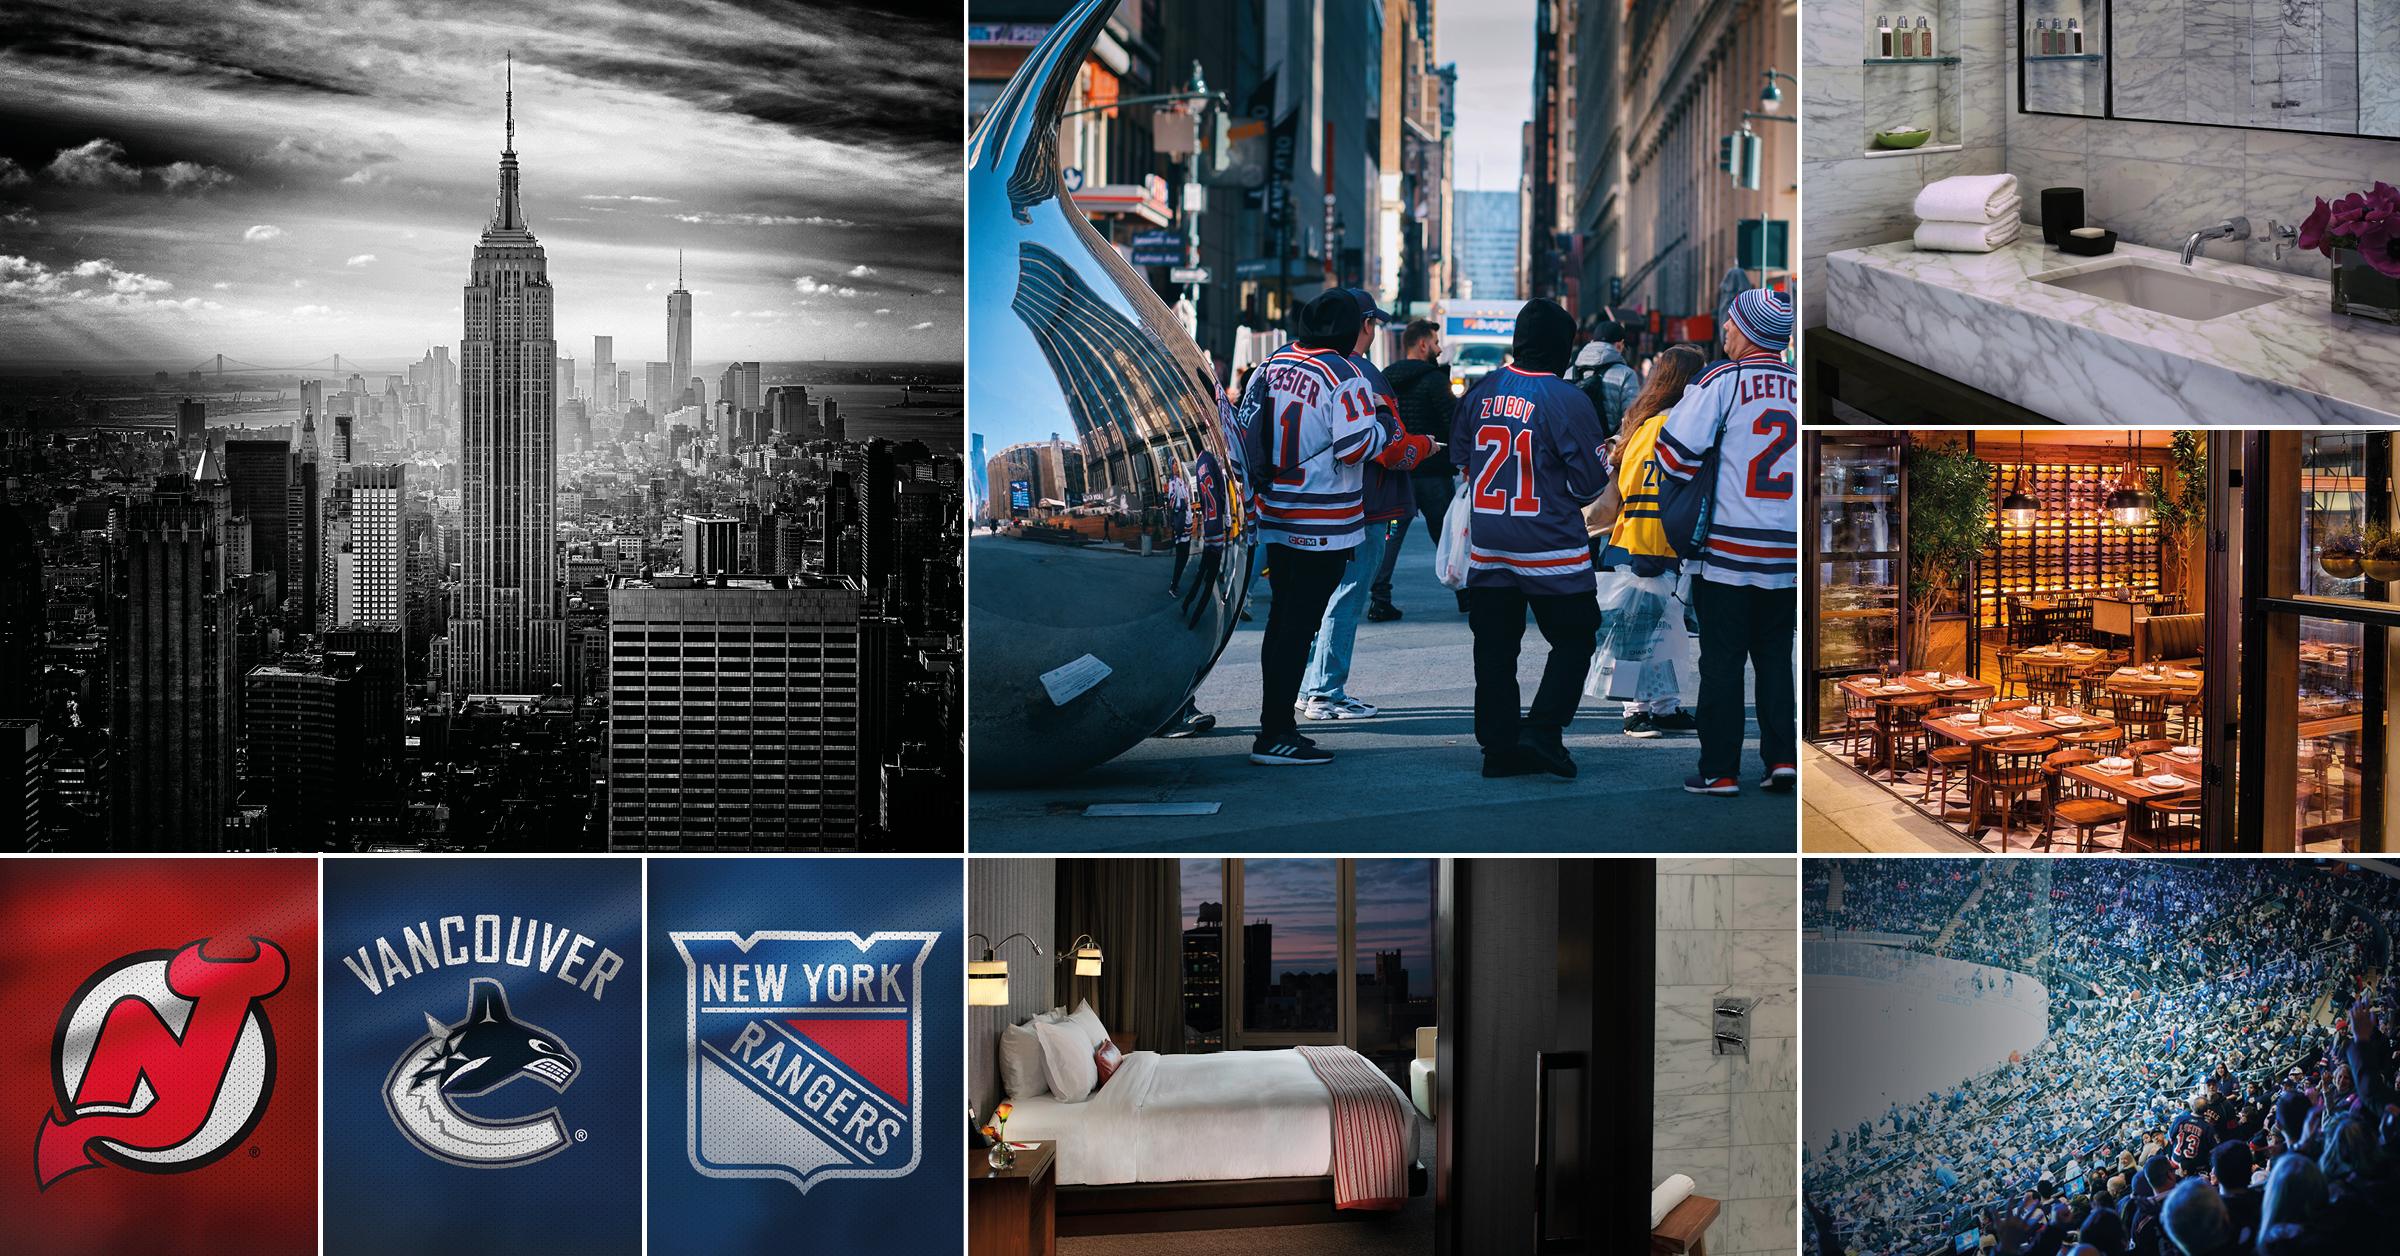 NHL-resa New York18-23 oktober - Den här resan till New York vill du inte missa där du under dina fyra nätter bor helt fantastiskt på Manhattan och lyxhotellet Kimpton Hotel Eventi. Under din resa till New York får du också bevittna två NHL matcher med New Jersey Devils, New York Rangers och Vancouver Canucks. Även NFL är möjligt att inkludera.